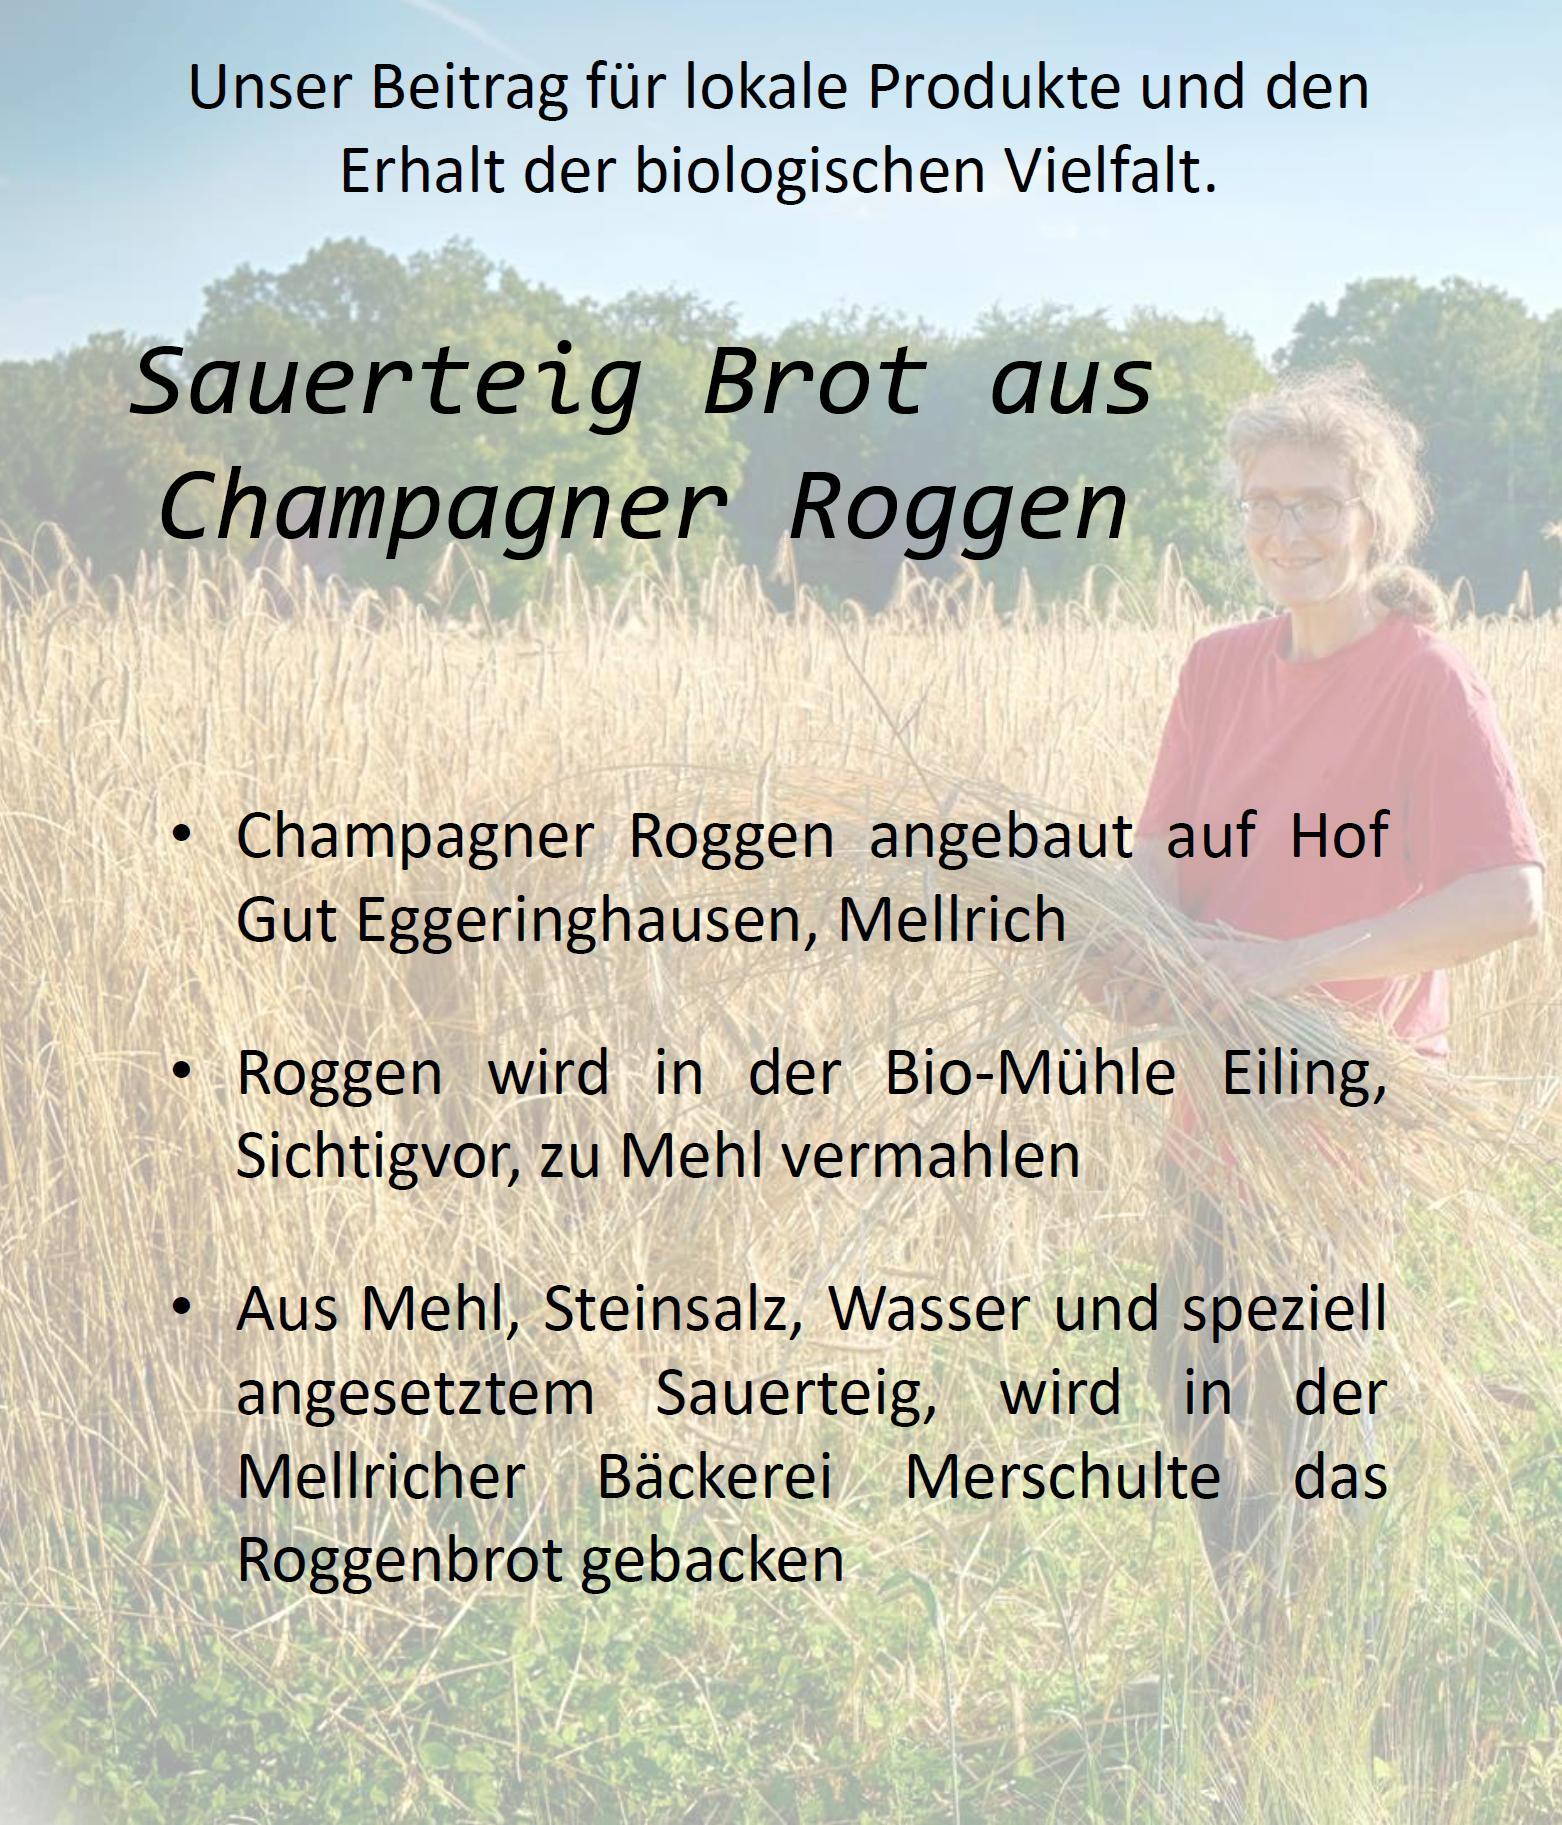 Werbeflyer: Sauerteig-Brot champagner-Roggen lokale bioprodukte